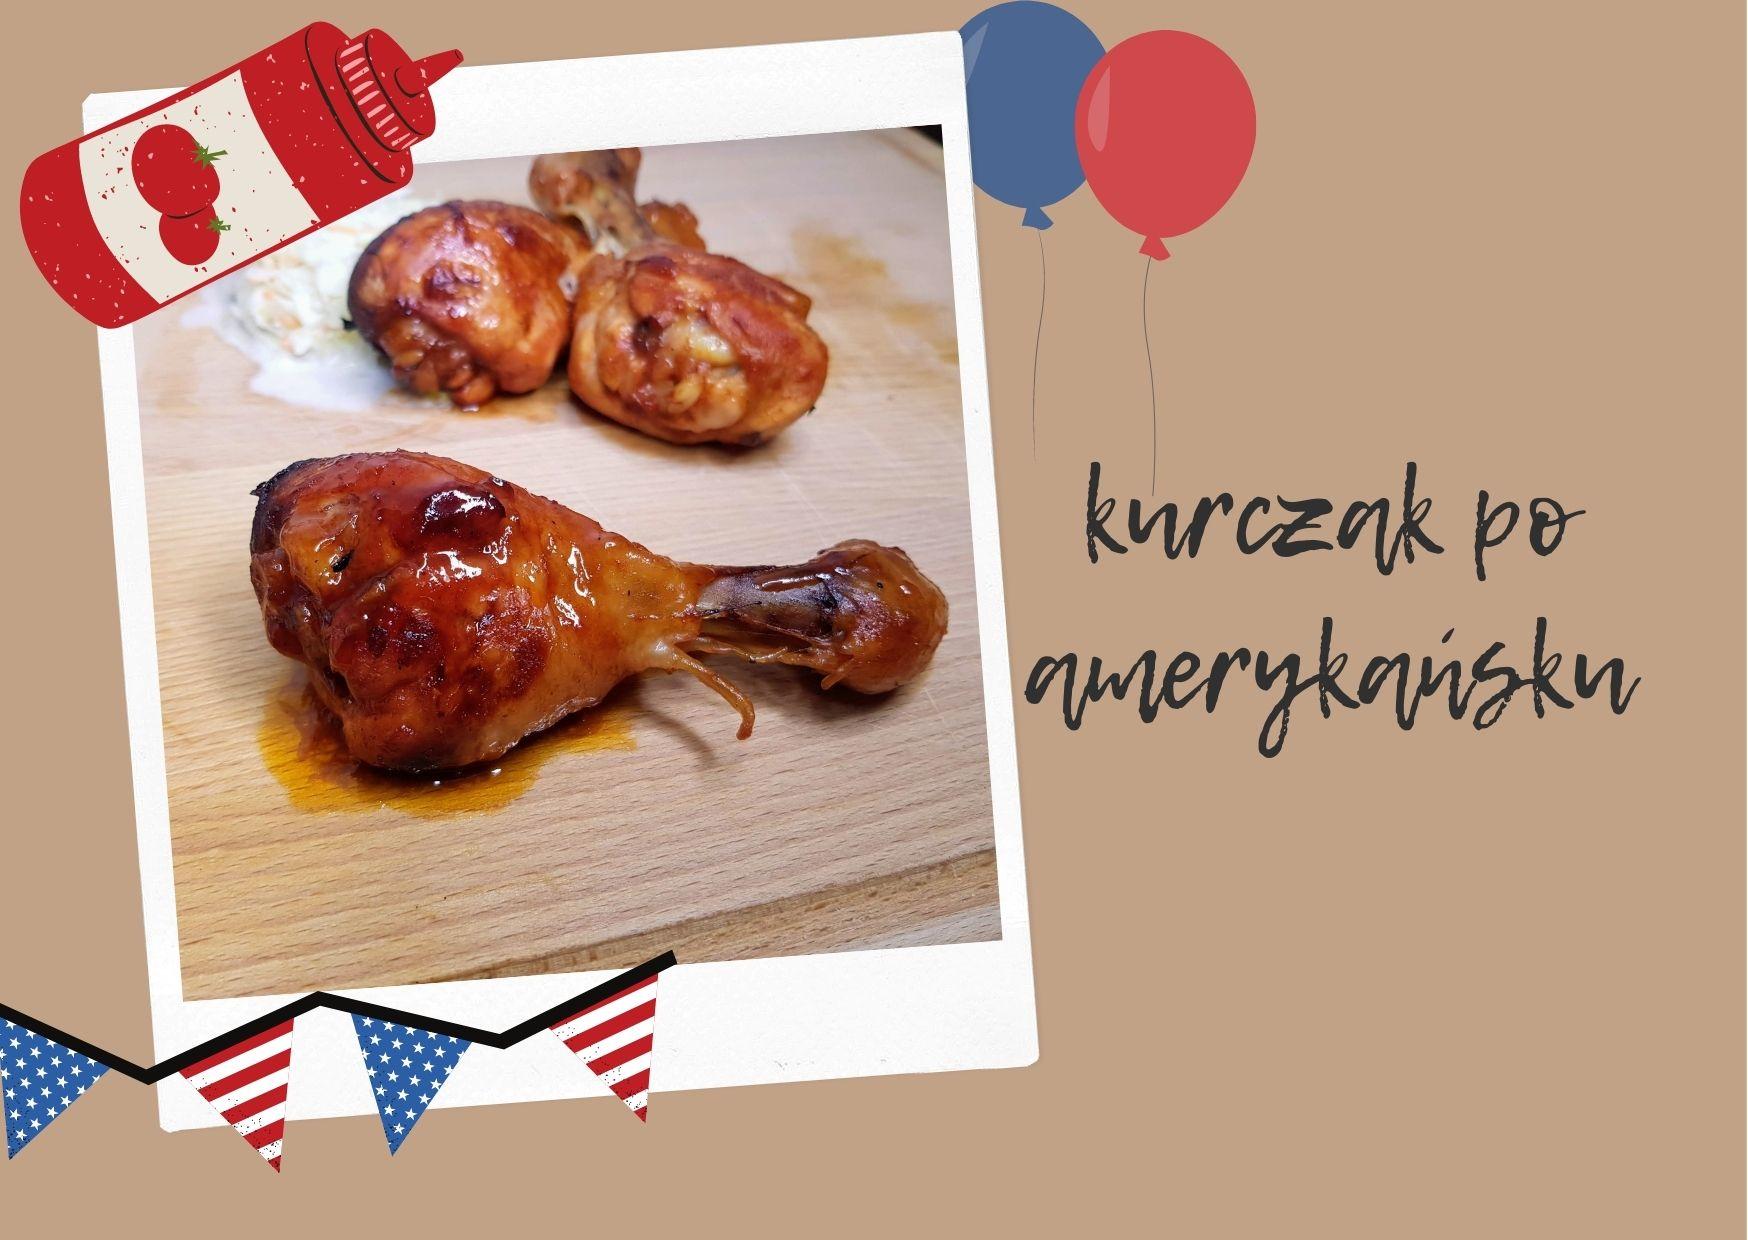 kurczak po amerykańsku